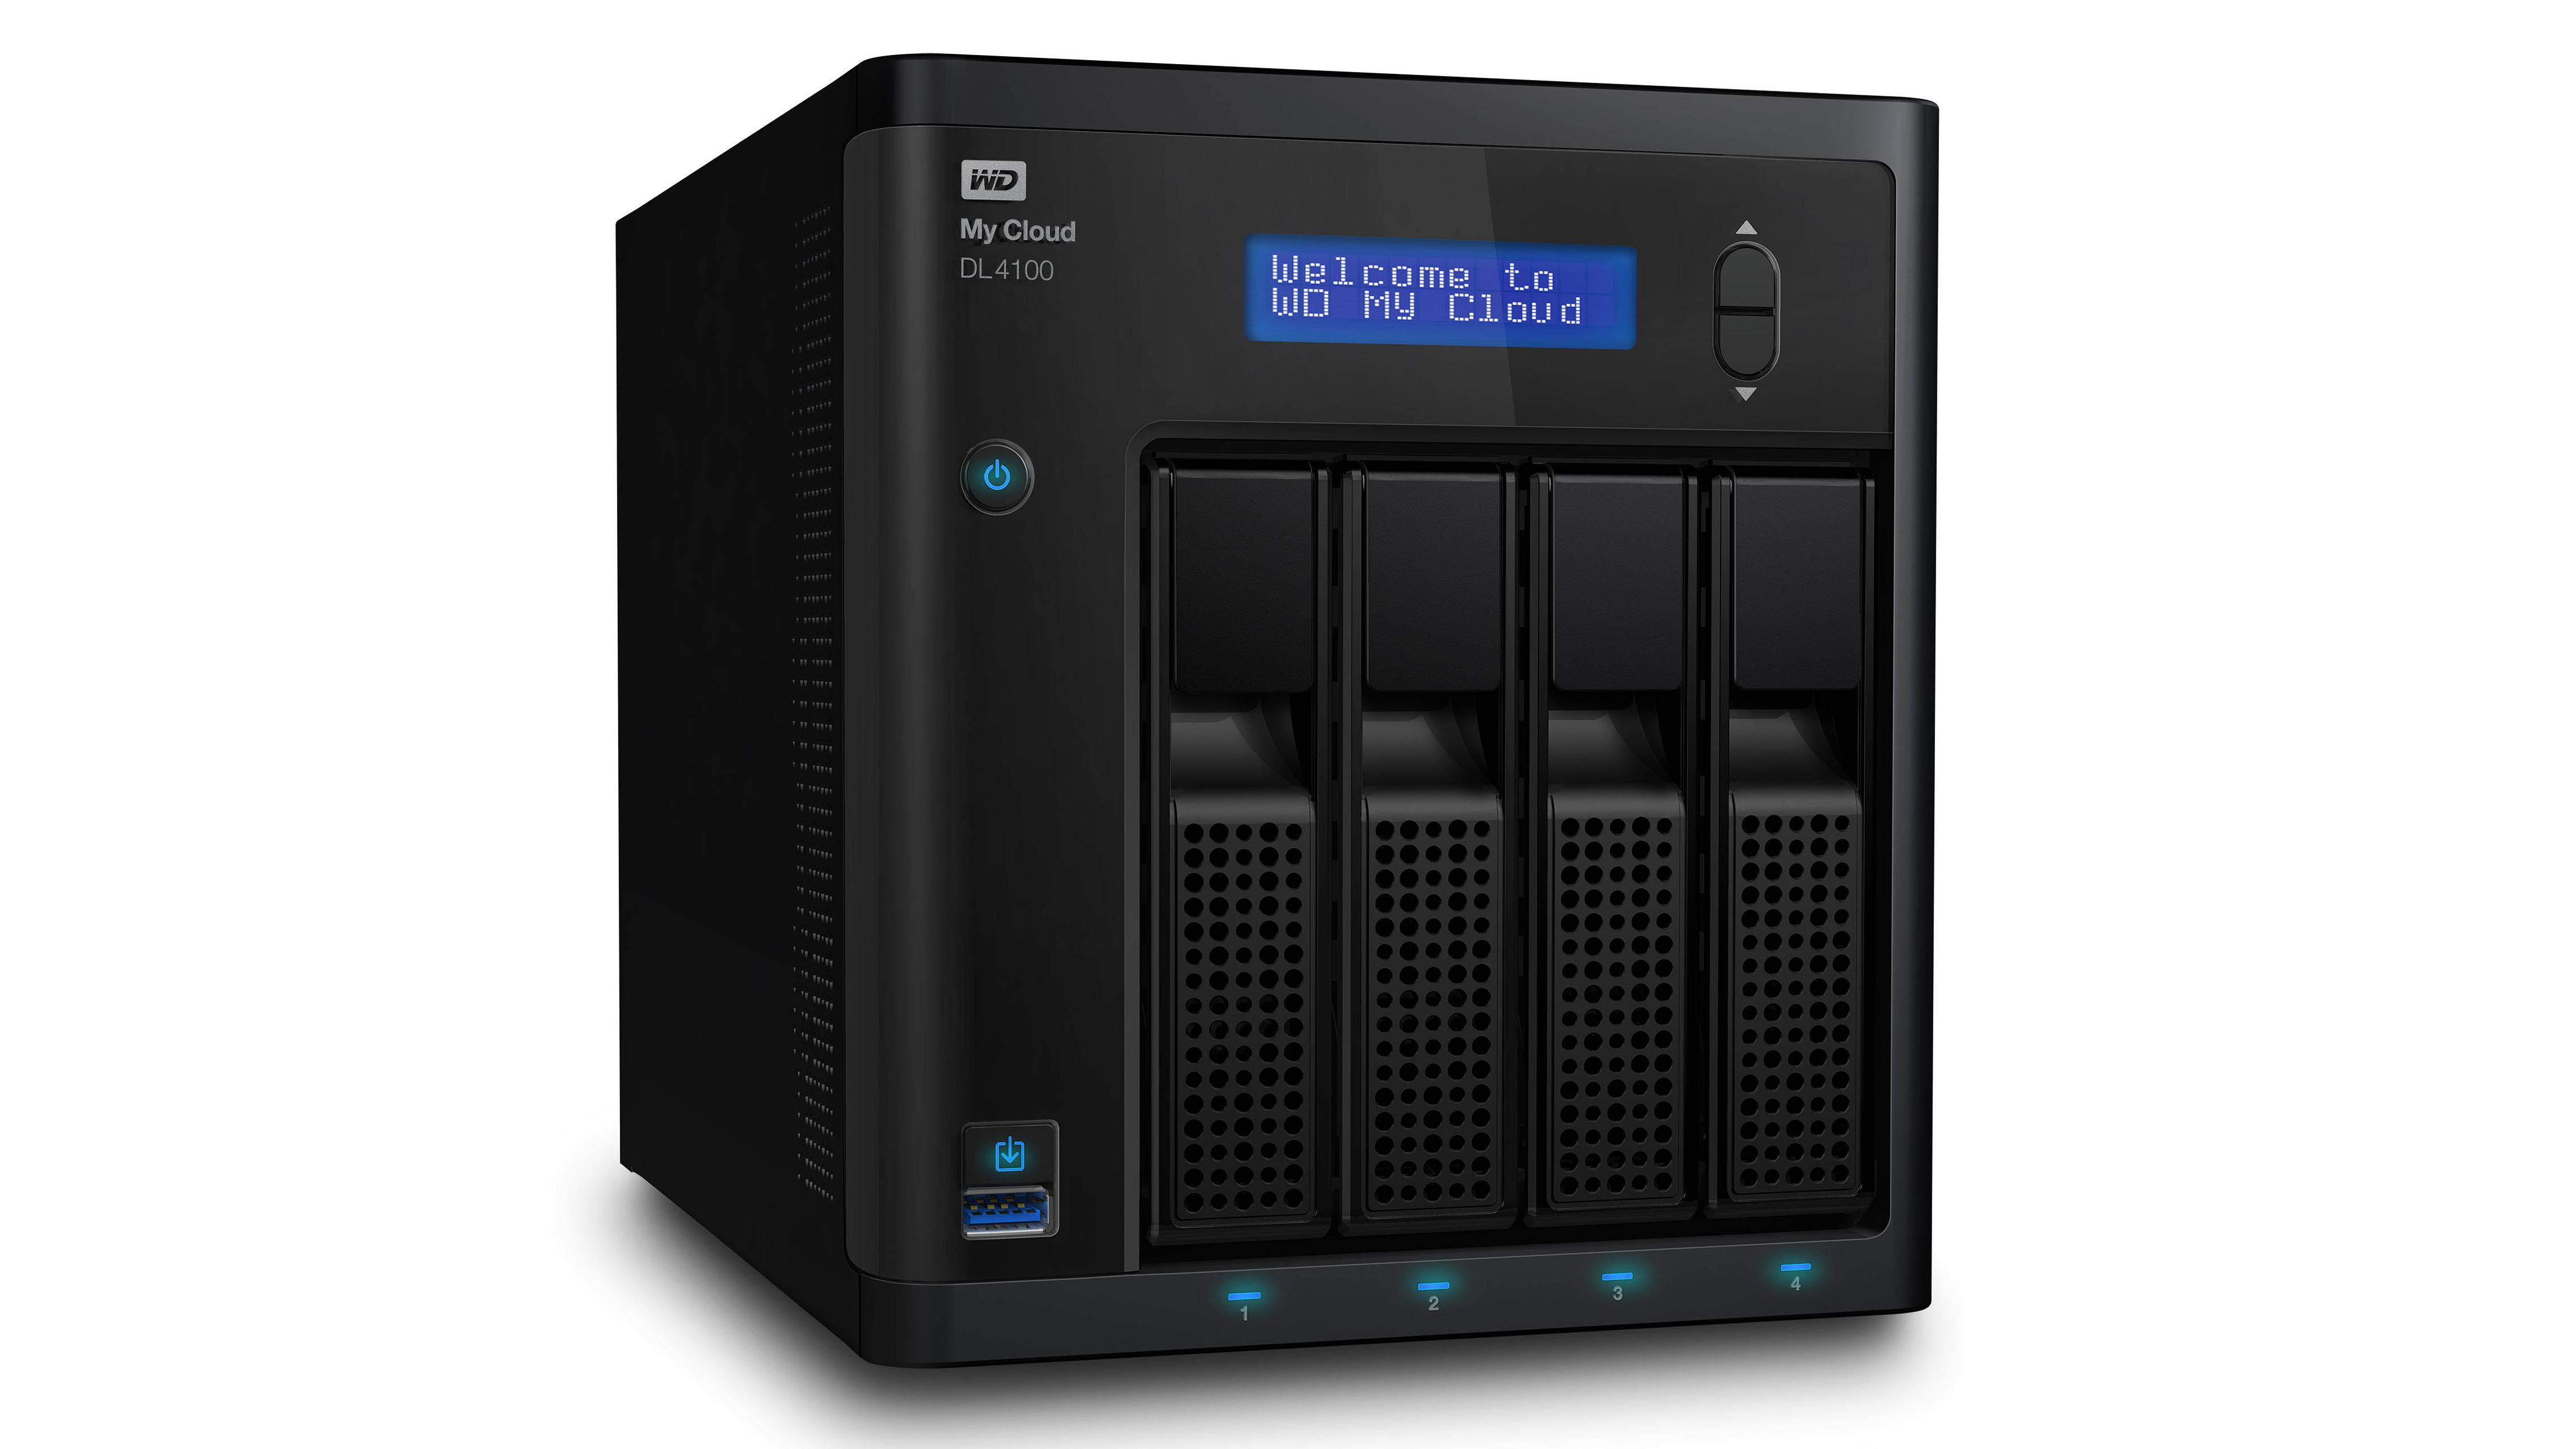 Western Digital DL4100 NAS drive